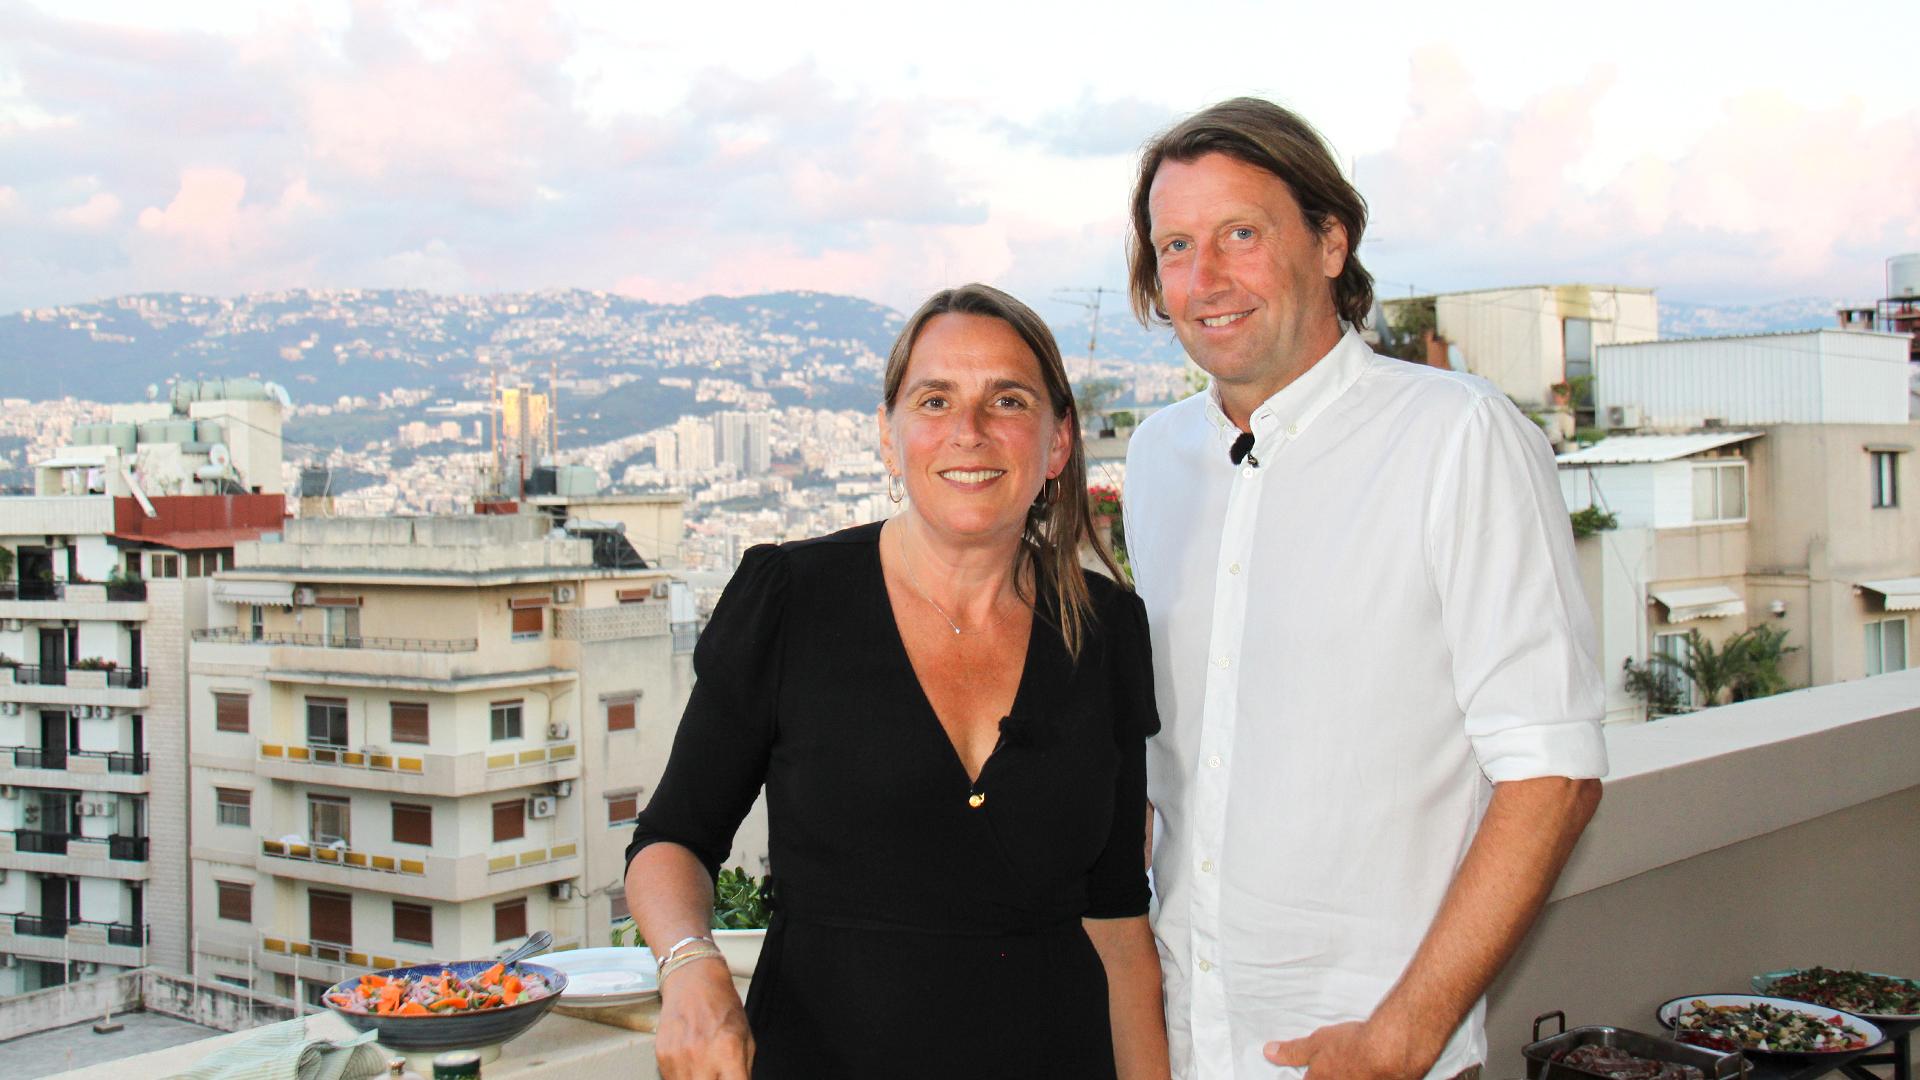 Anne og Anders i Mellemøsten - Libanon